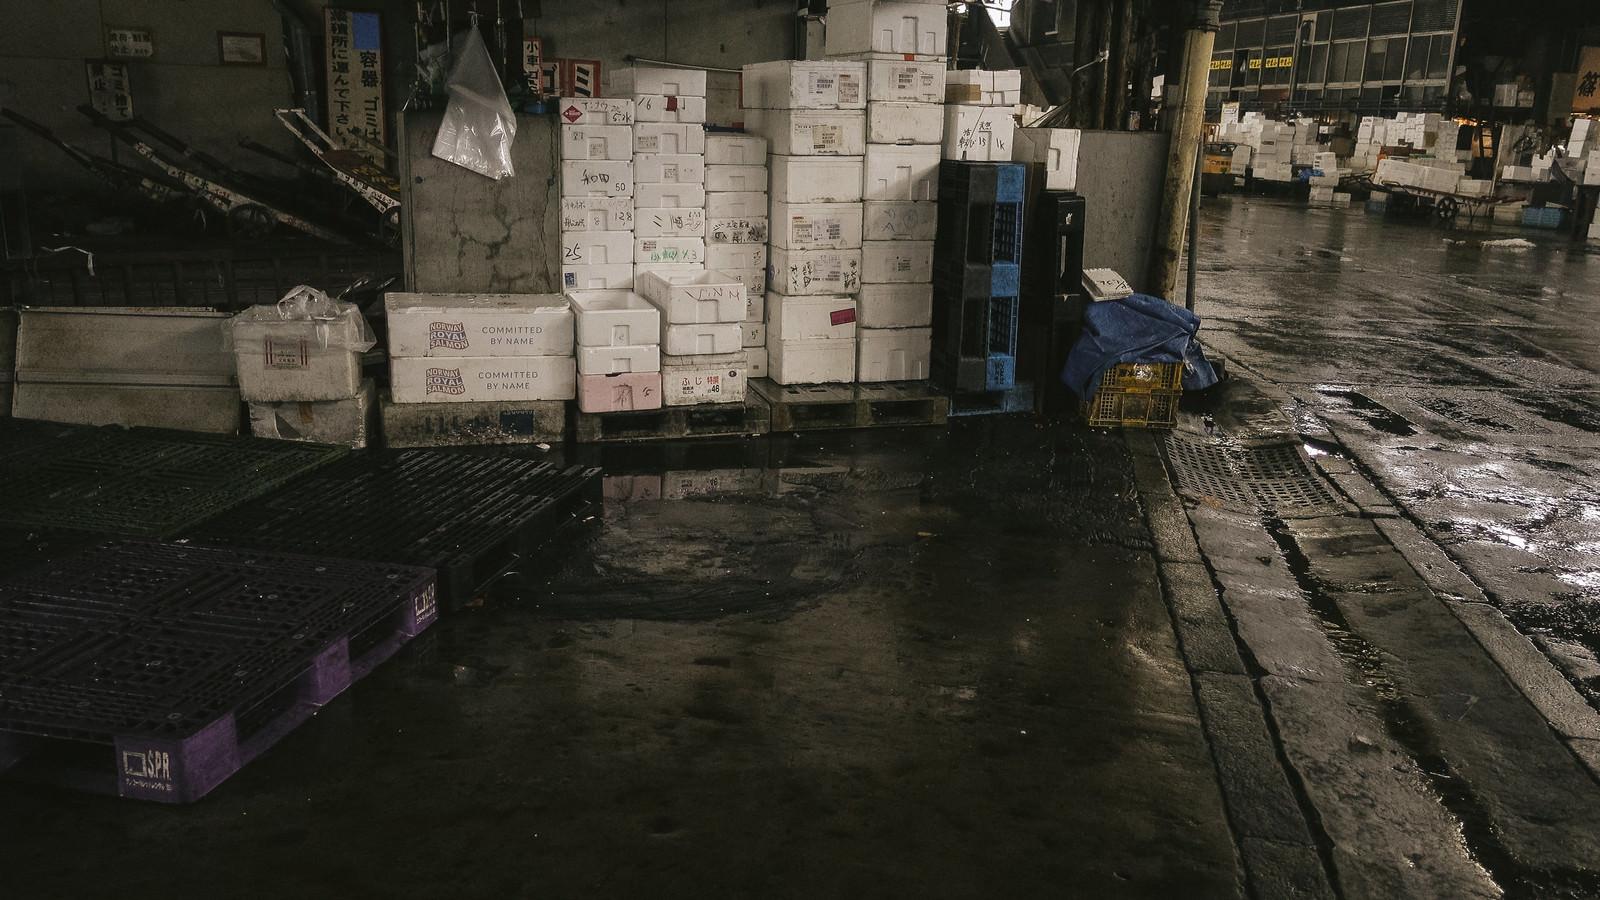 「山積みされた発泡スチロール(築地市場)」の写真